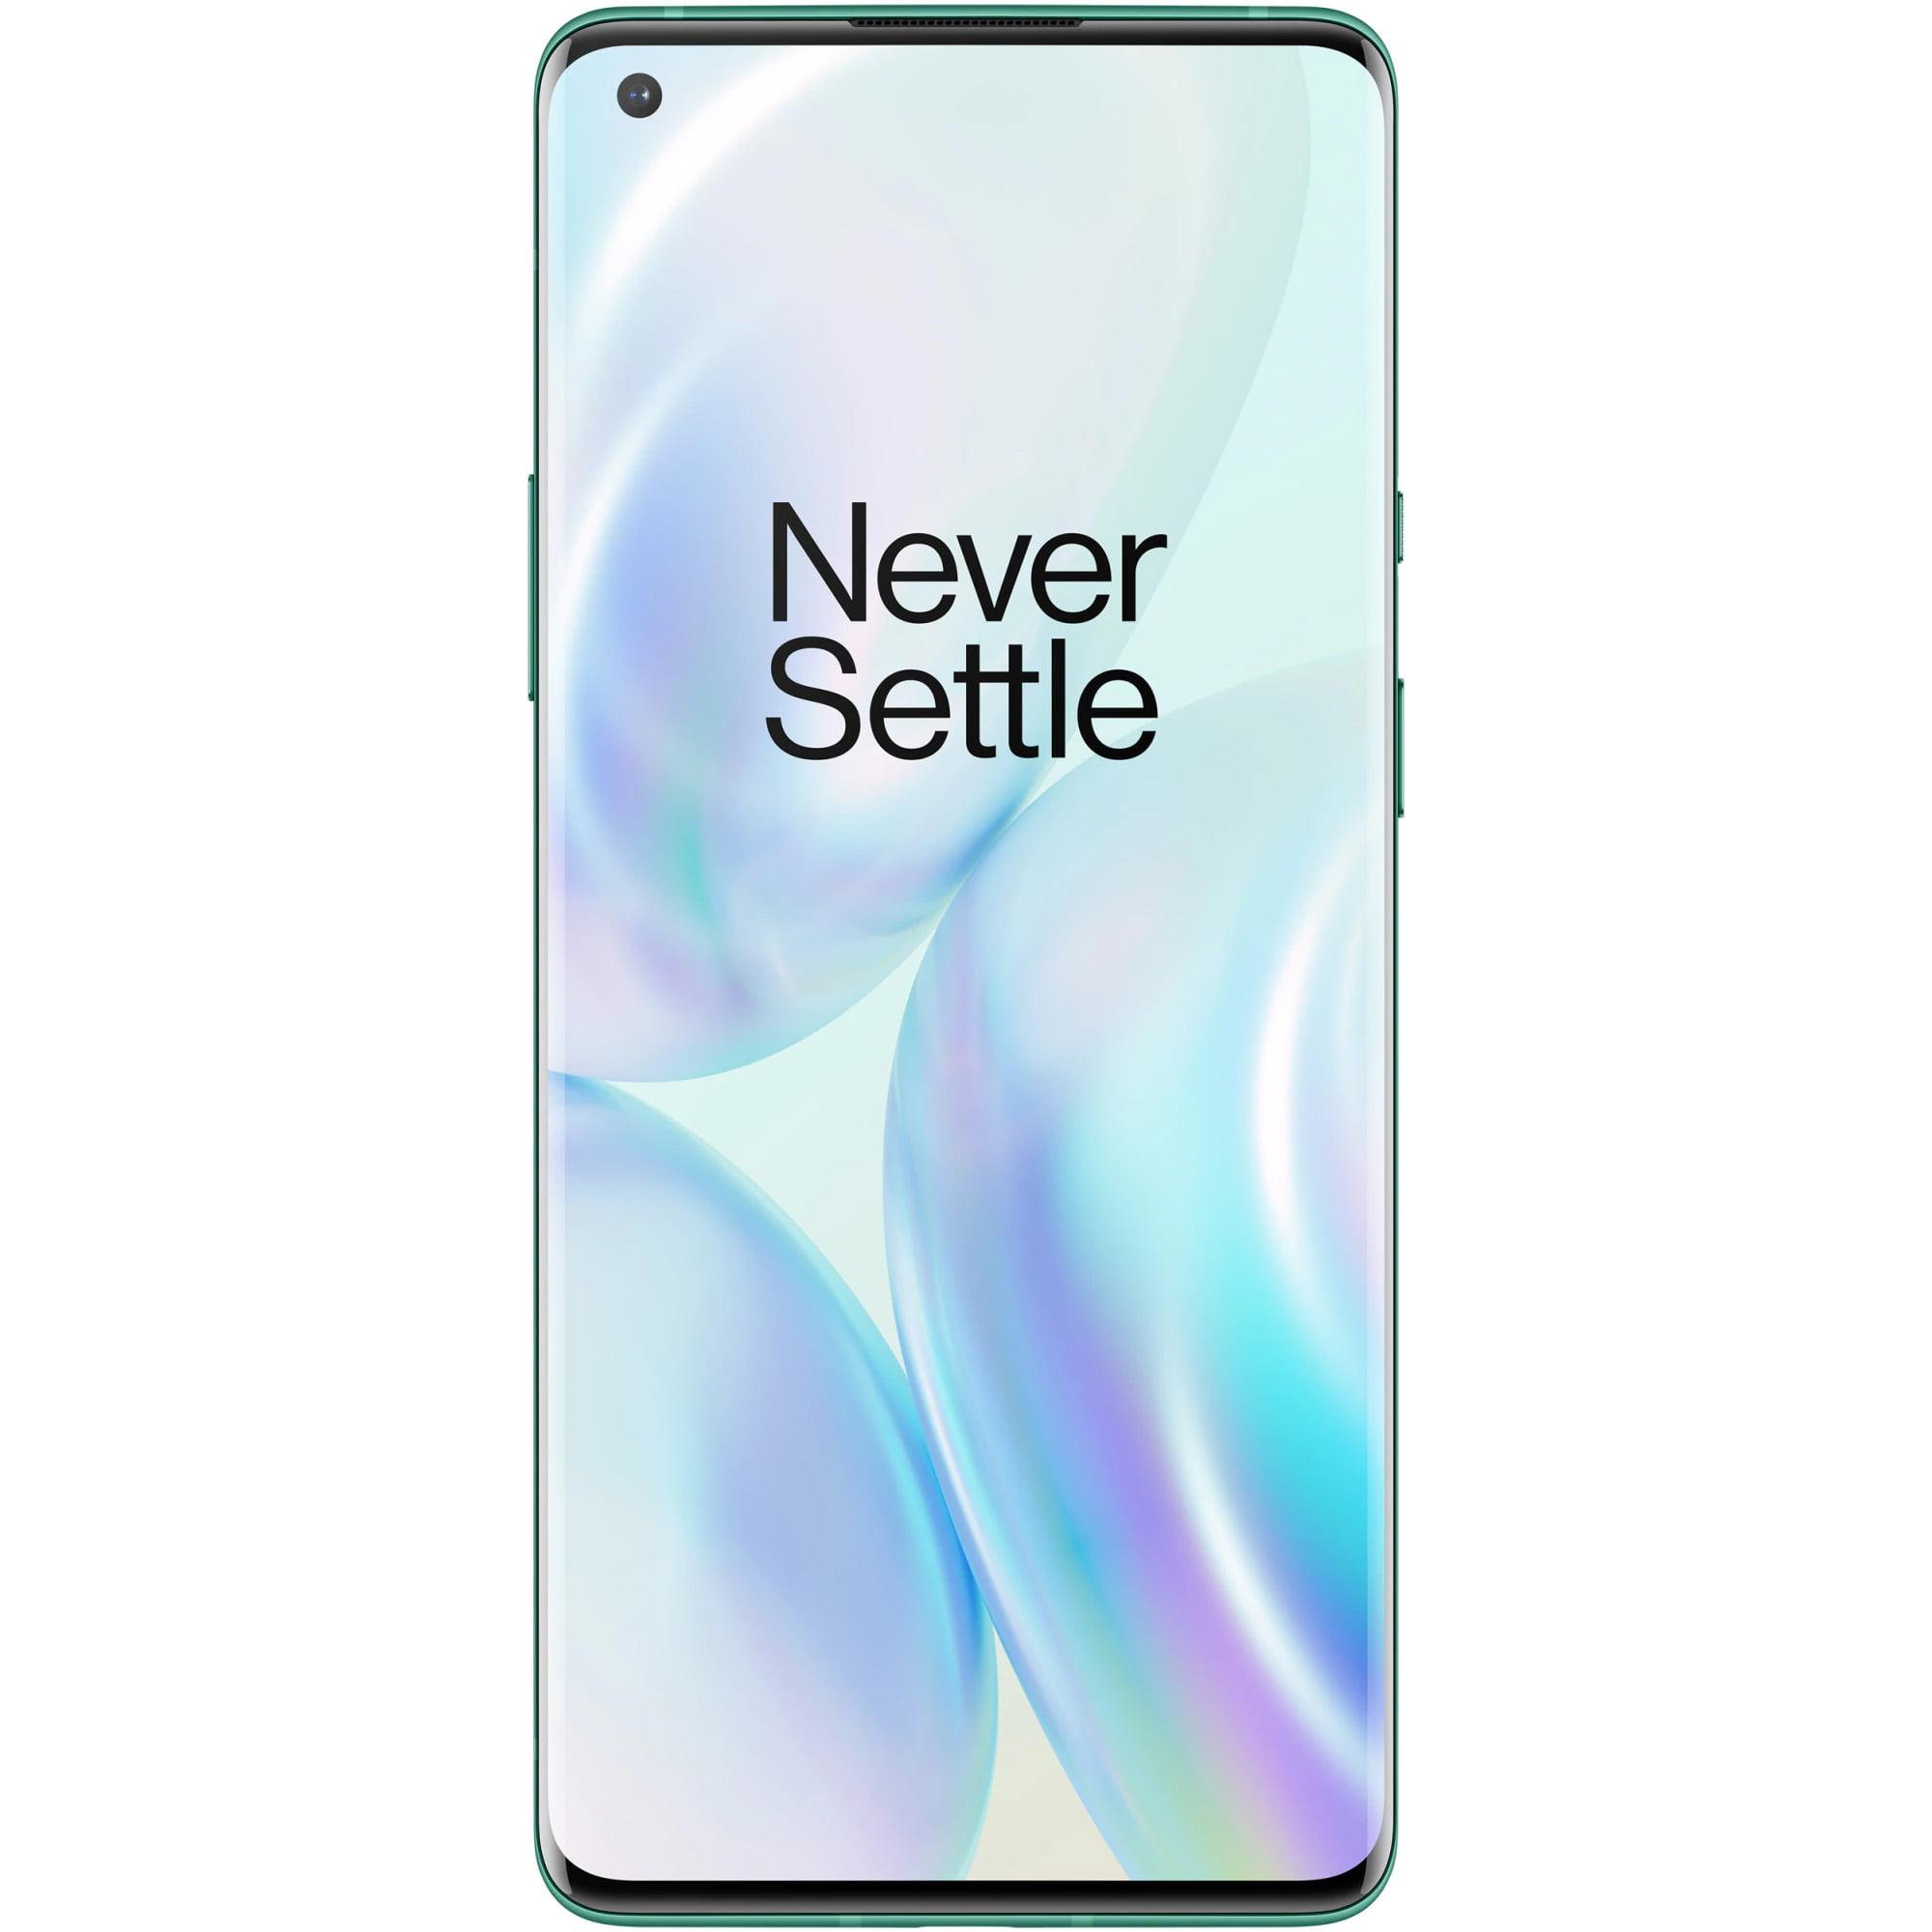 Telefon mobil OnePlus 8 Pro, Dual SIM, 128GB, 8GB RAM, 5G, Glacial Green